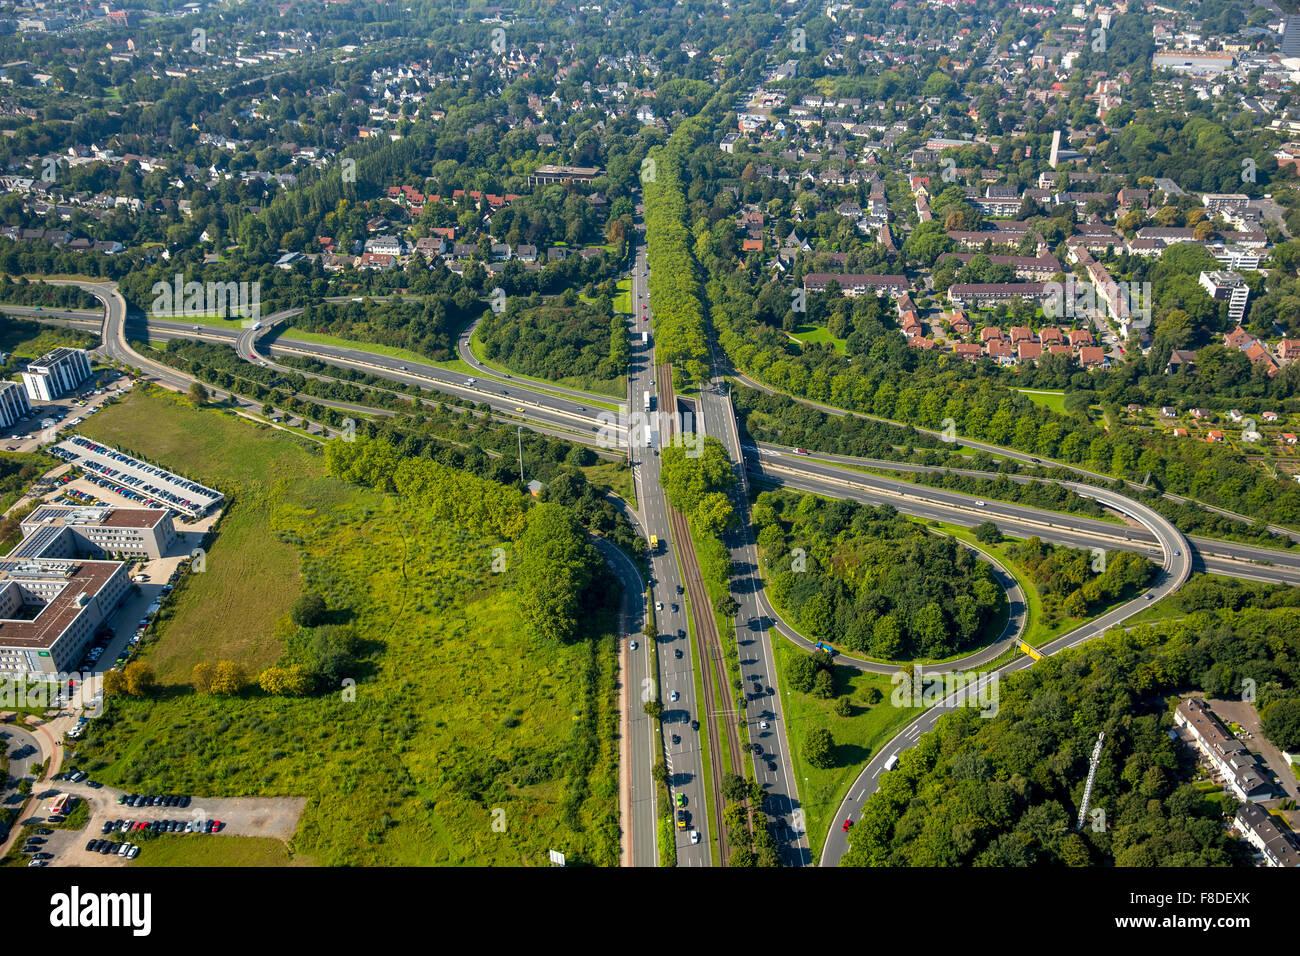 Stadtkrone Ost junction A40 and B236, highway, city highway, Westfalendamm, B1, Ruhrschnellweg, Dortmund, Ruhr area, - Stock Image